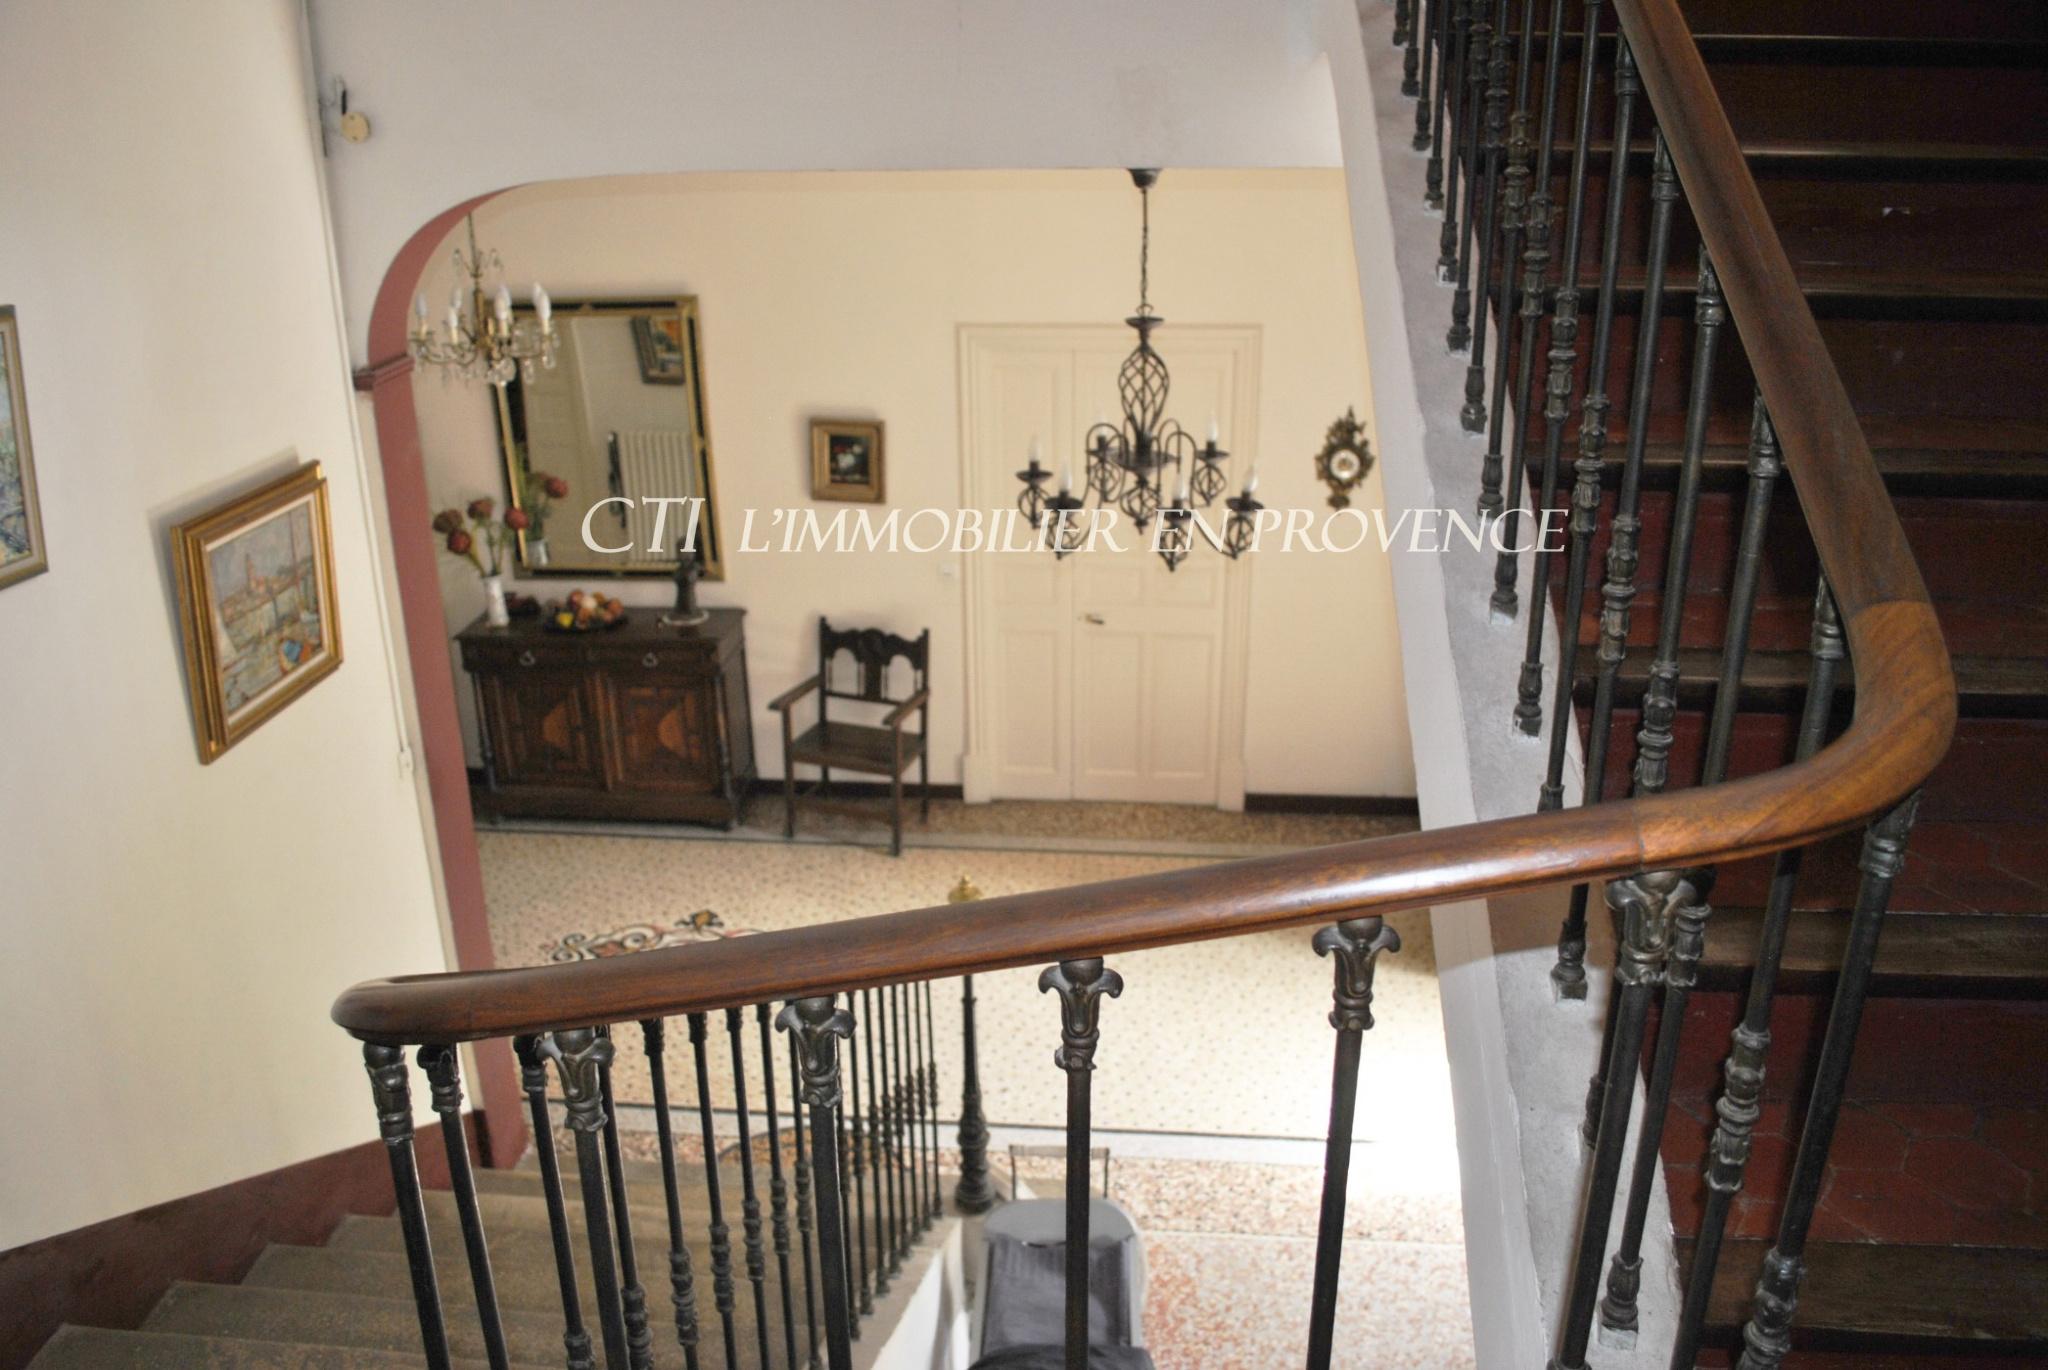 0 www.cti-provence.net. A vendre maison bourgeoise du 18ème. 400 m² S.H   dépend.